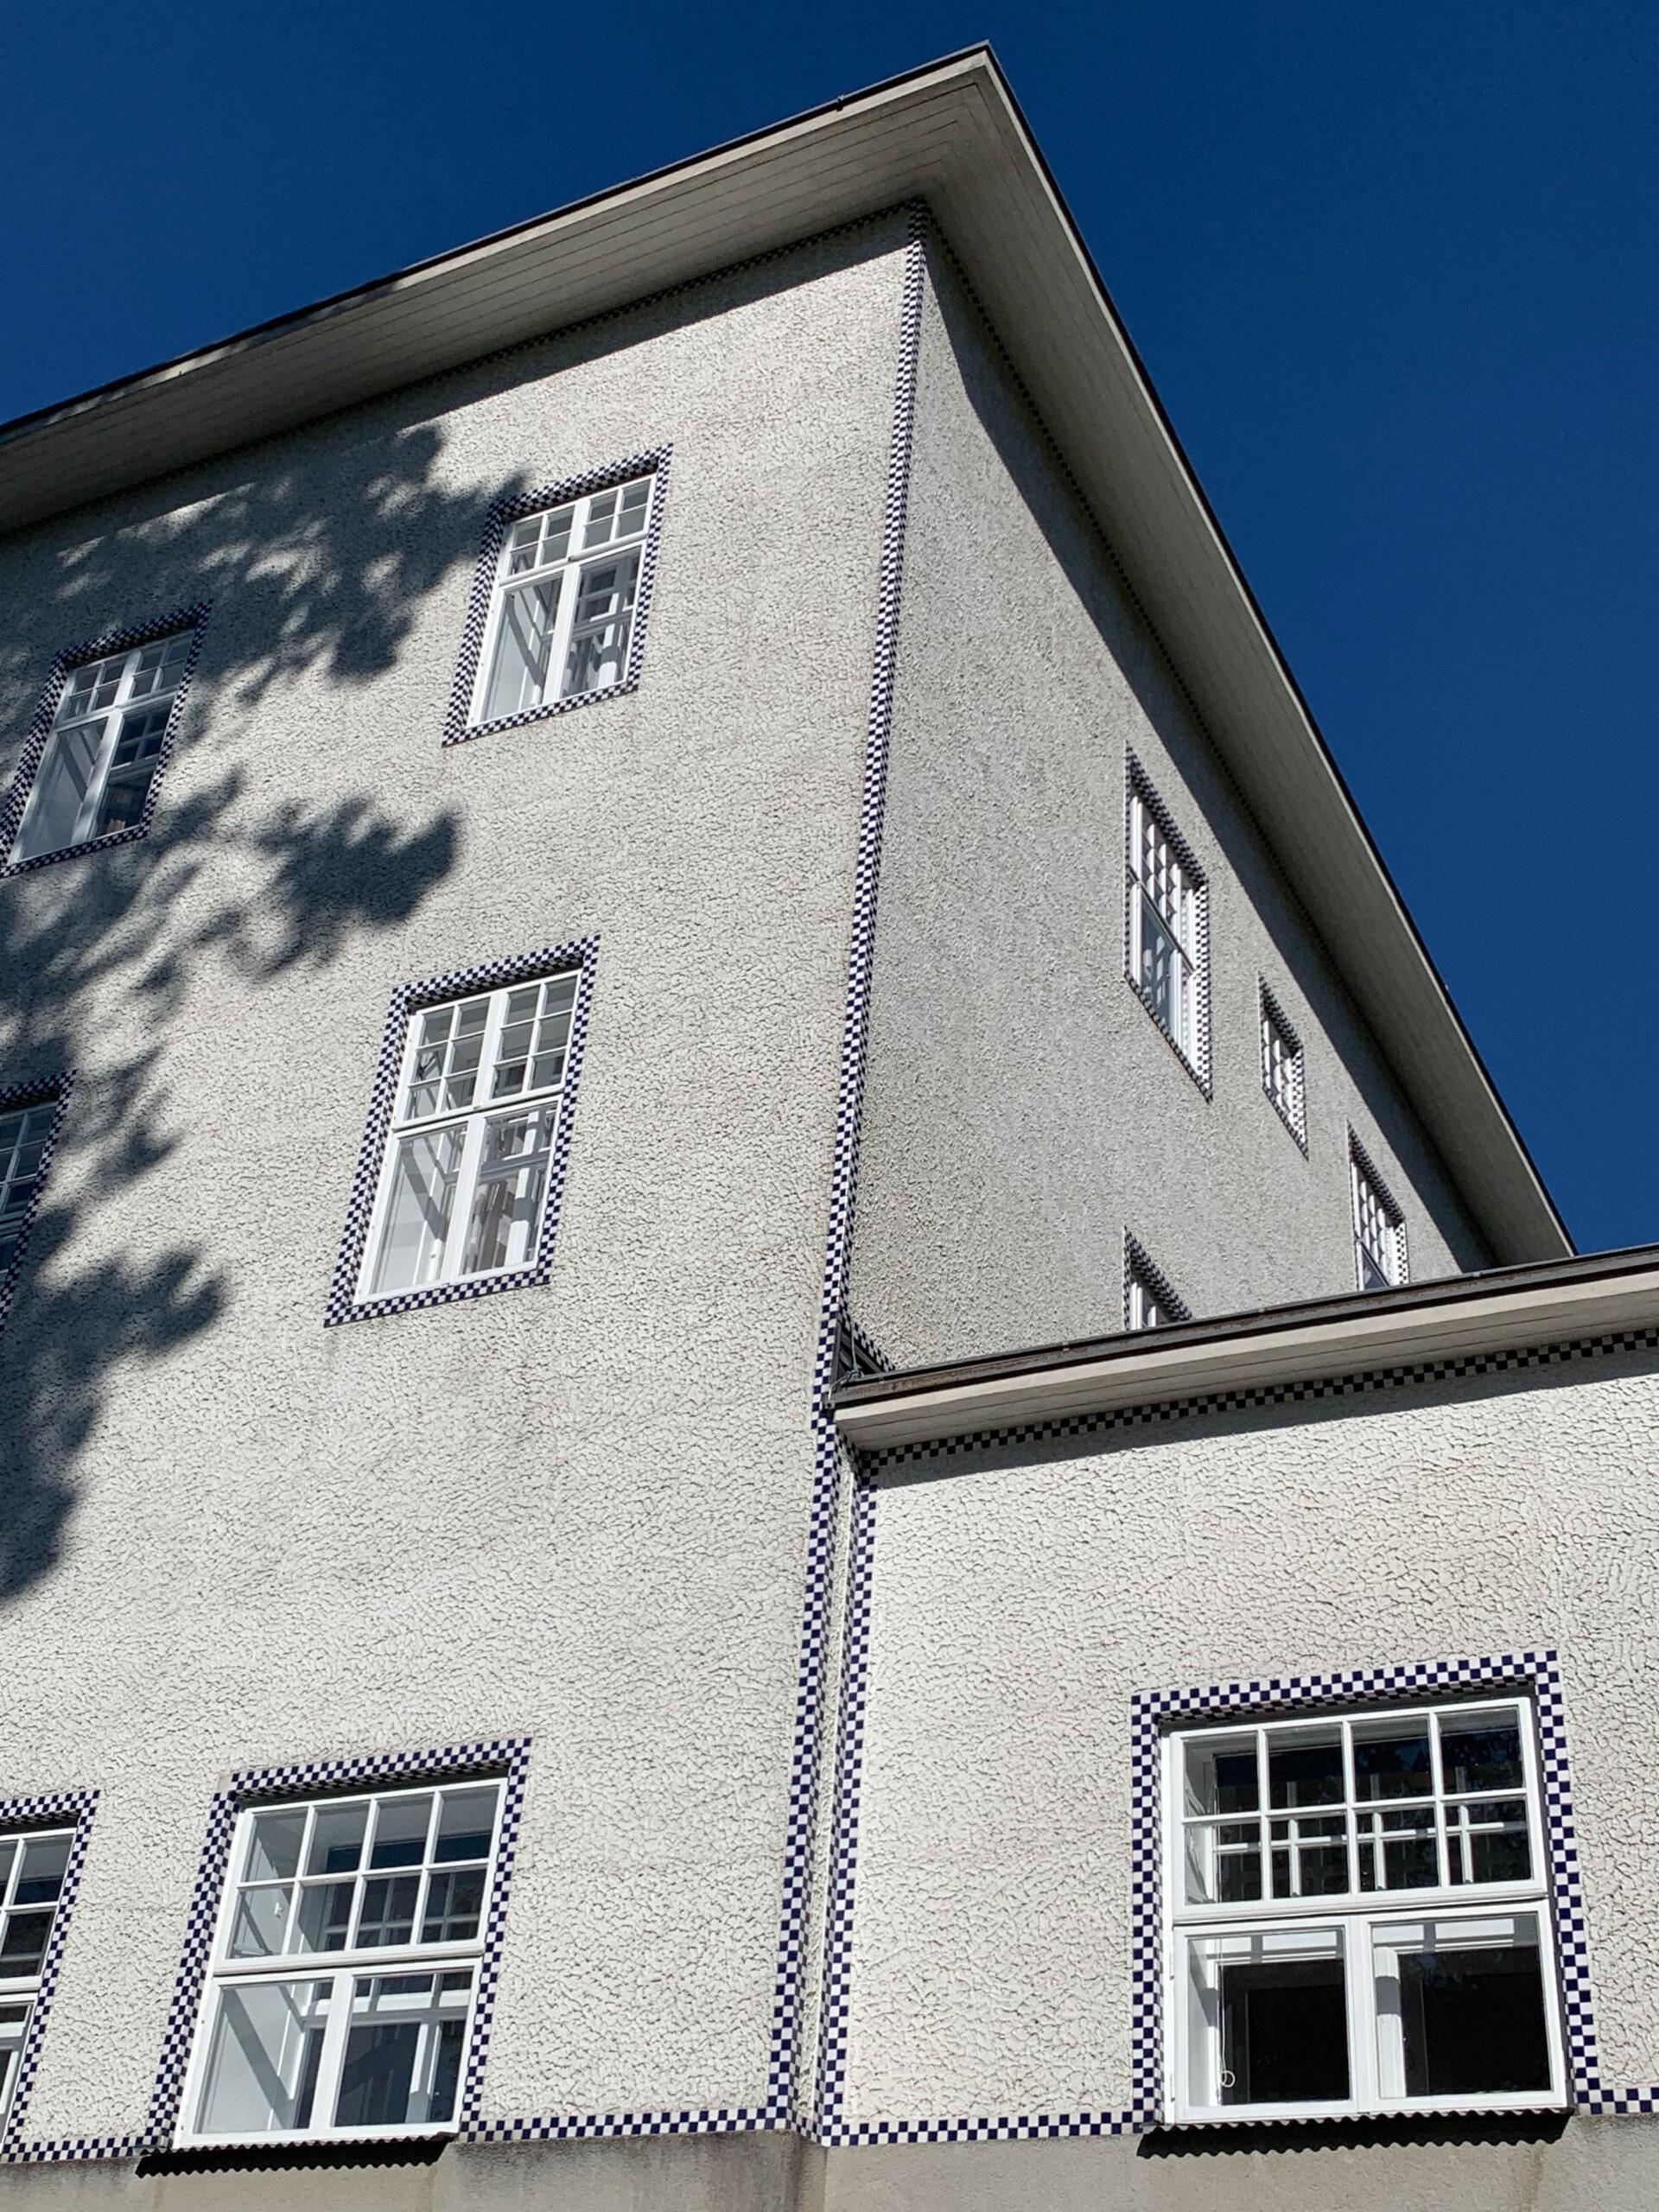 Sanatorium, 1904-1905. Architekt: Josef Hoffmann